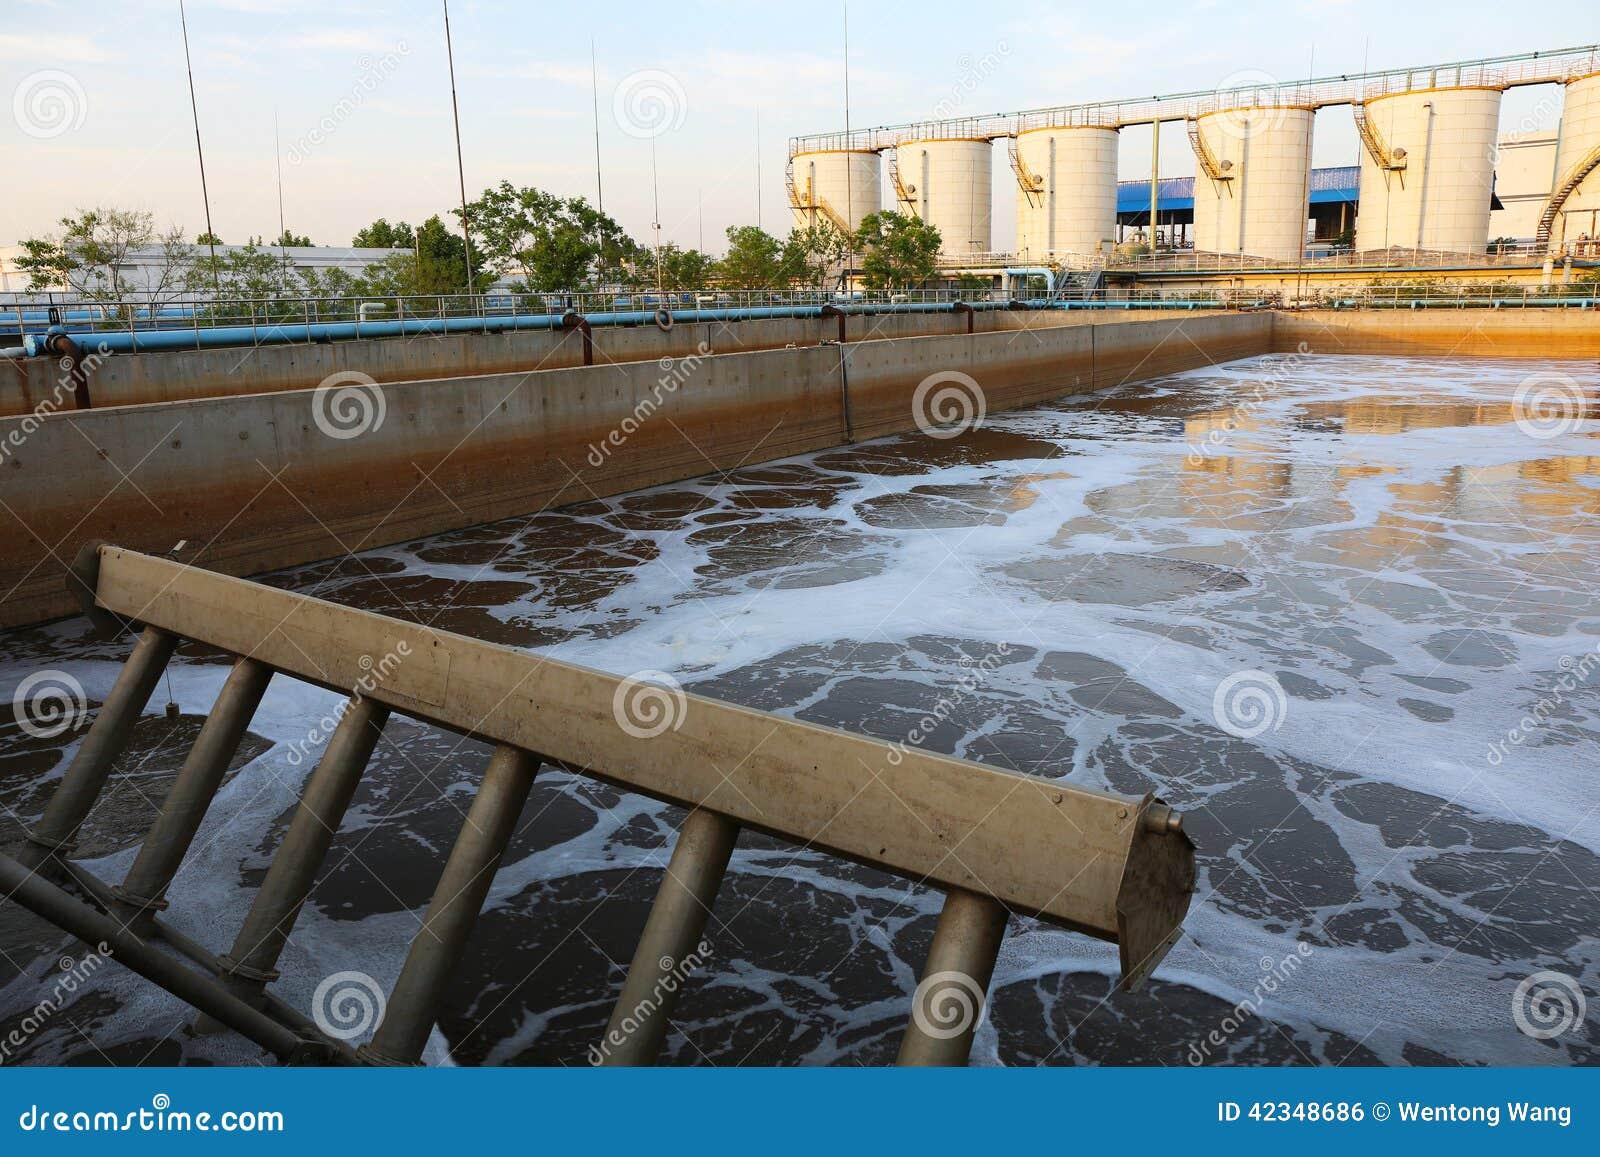 Depuradora de aguas residuales urbana moderna foto de for Depuradora aguas residuales